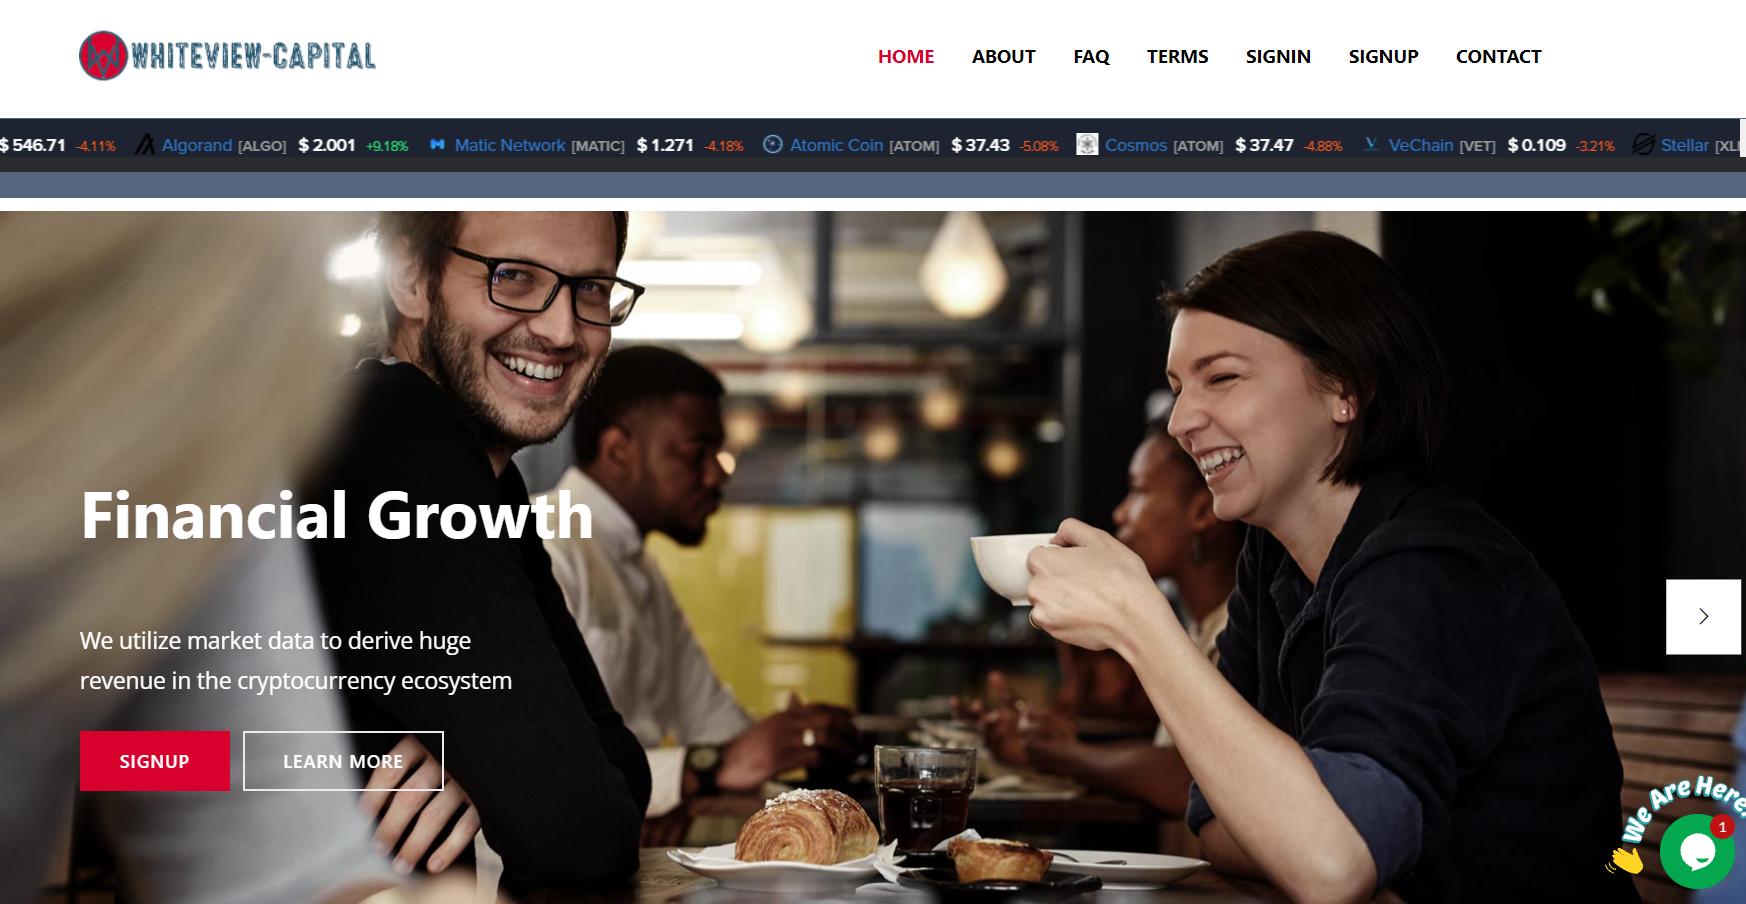 Отзывы о Whiteview-Capital: разбираем обещания проекта — Обман? реальные отзывы